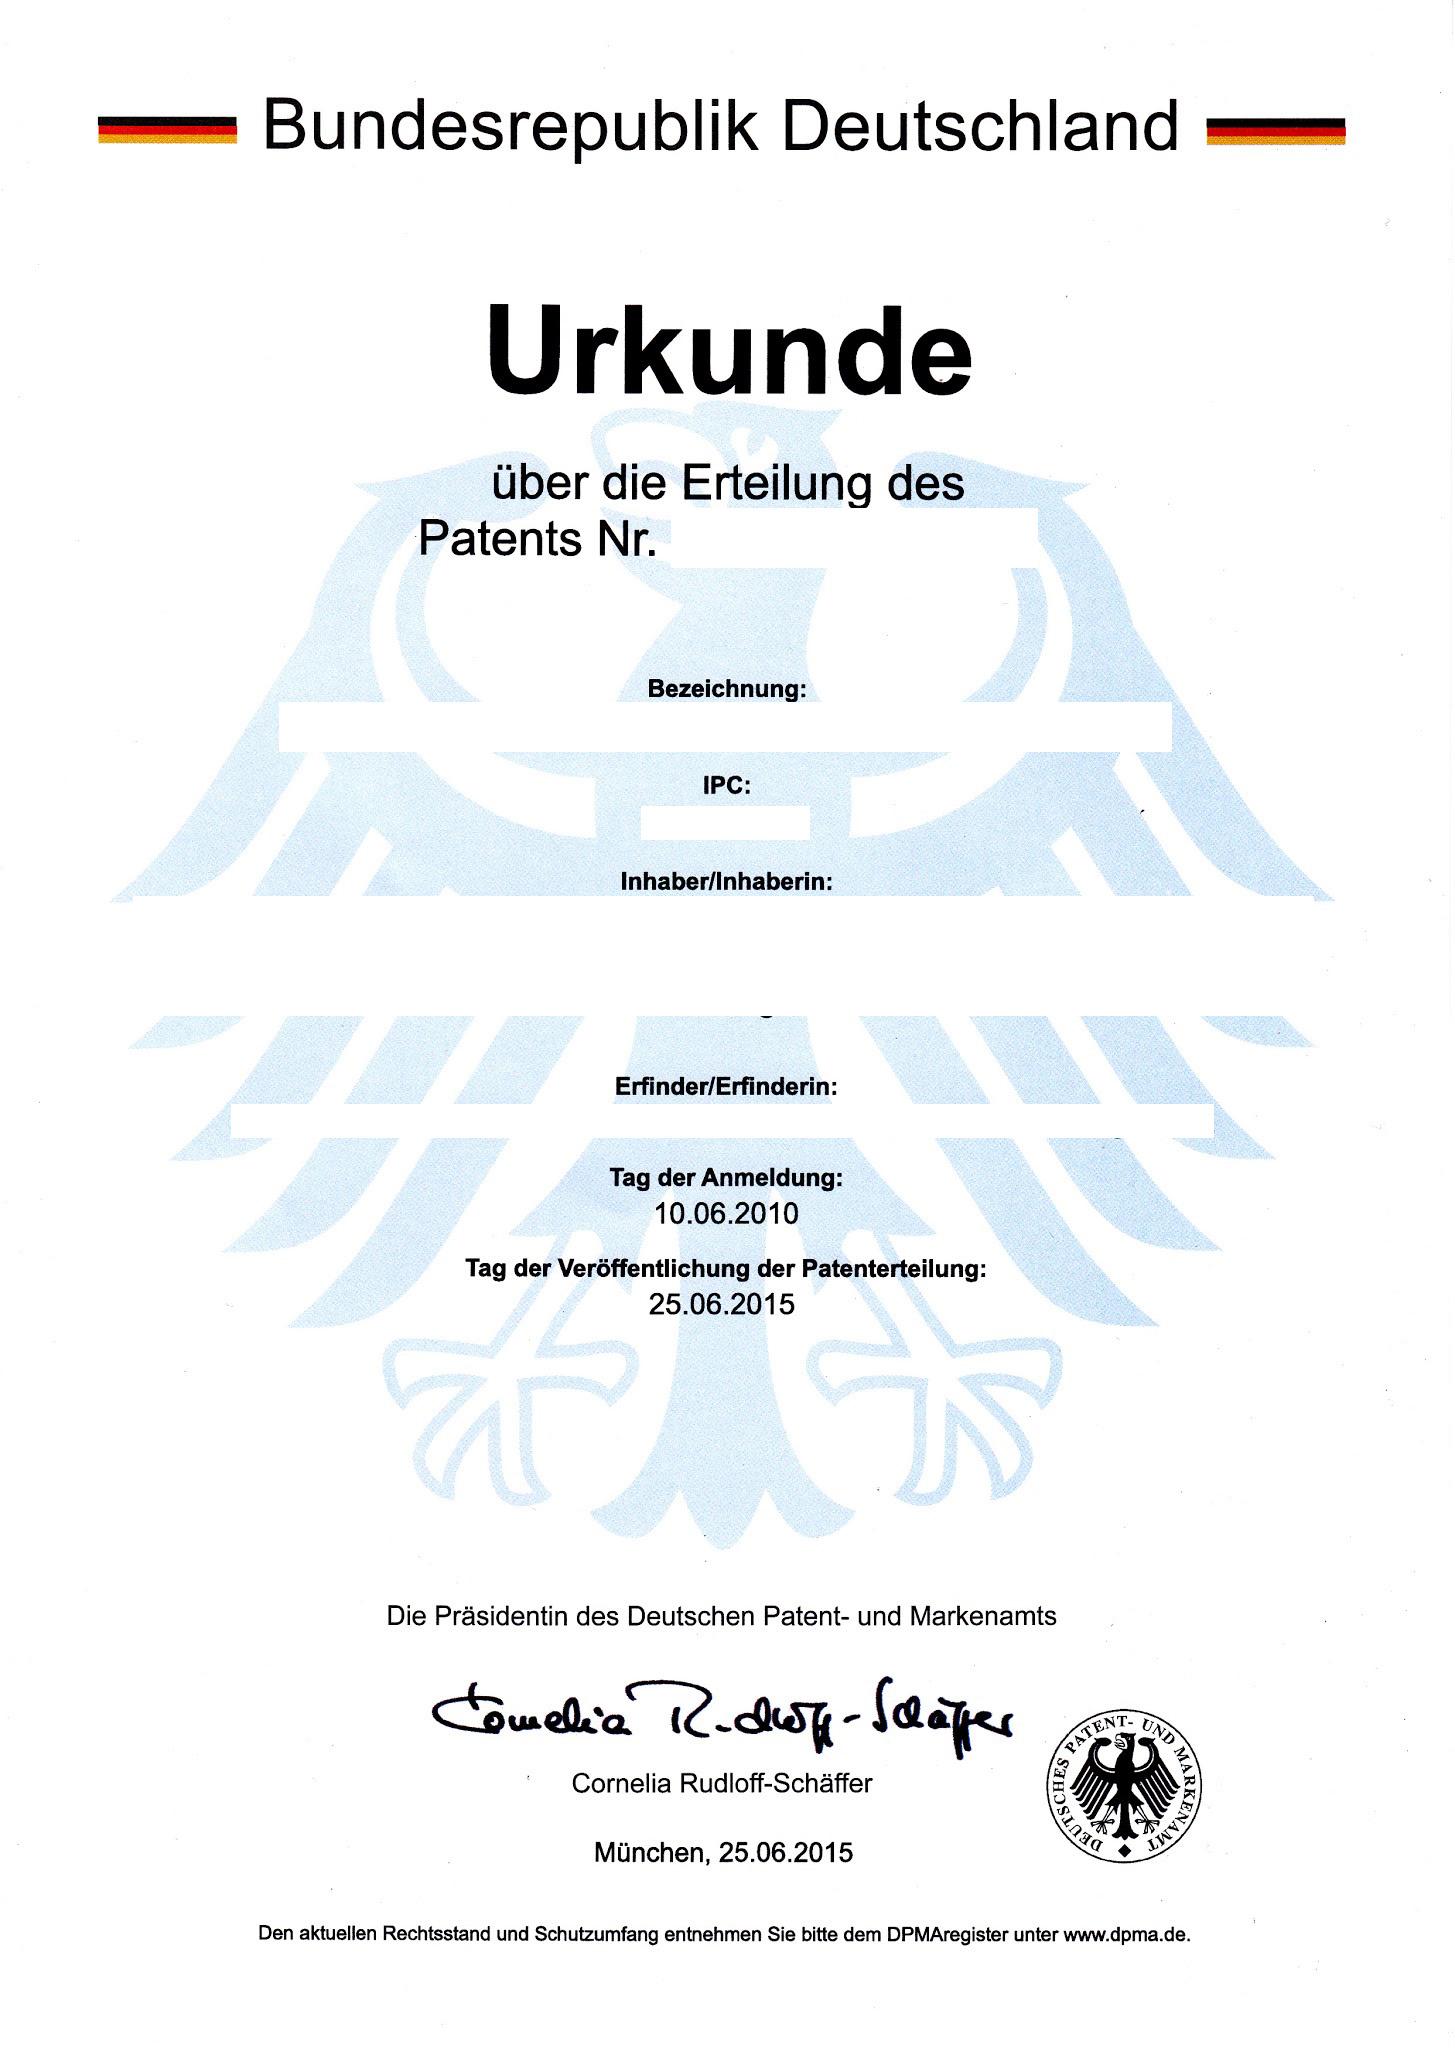 Patentieren